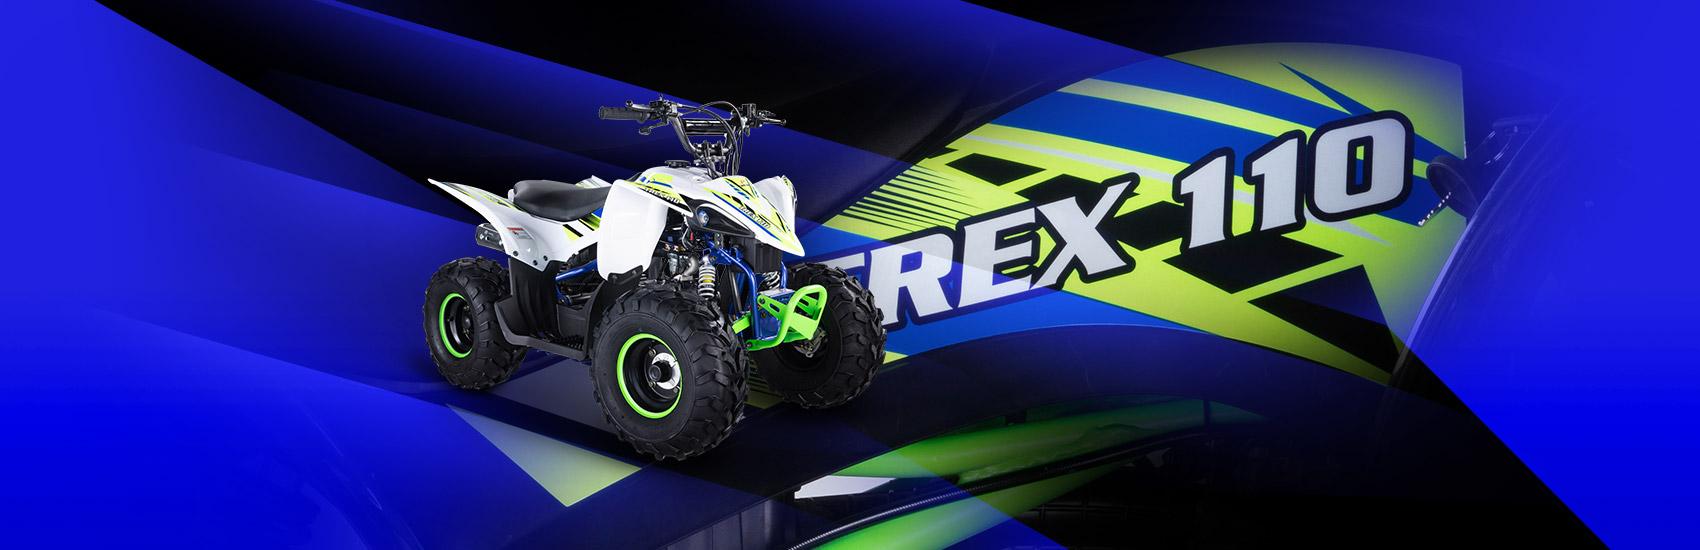 Trex 110